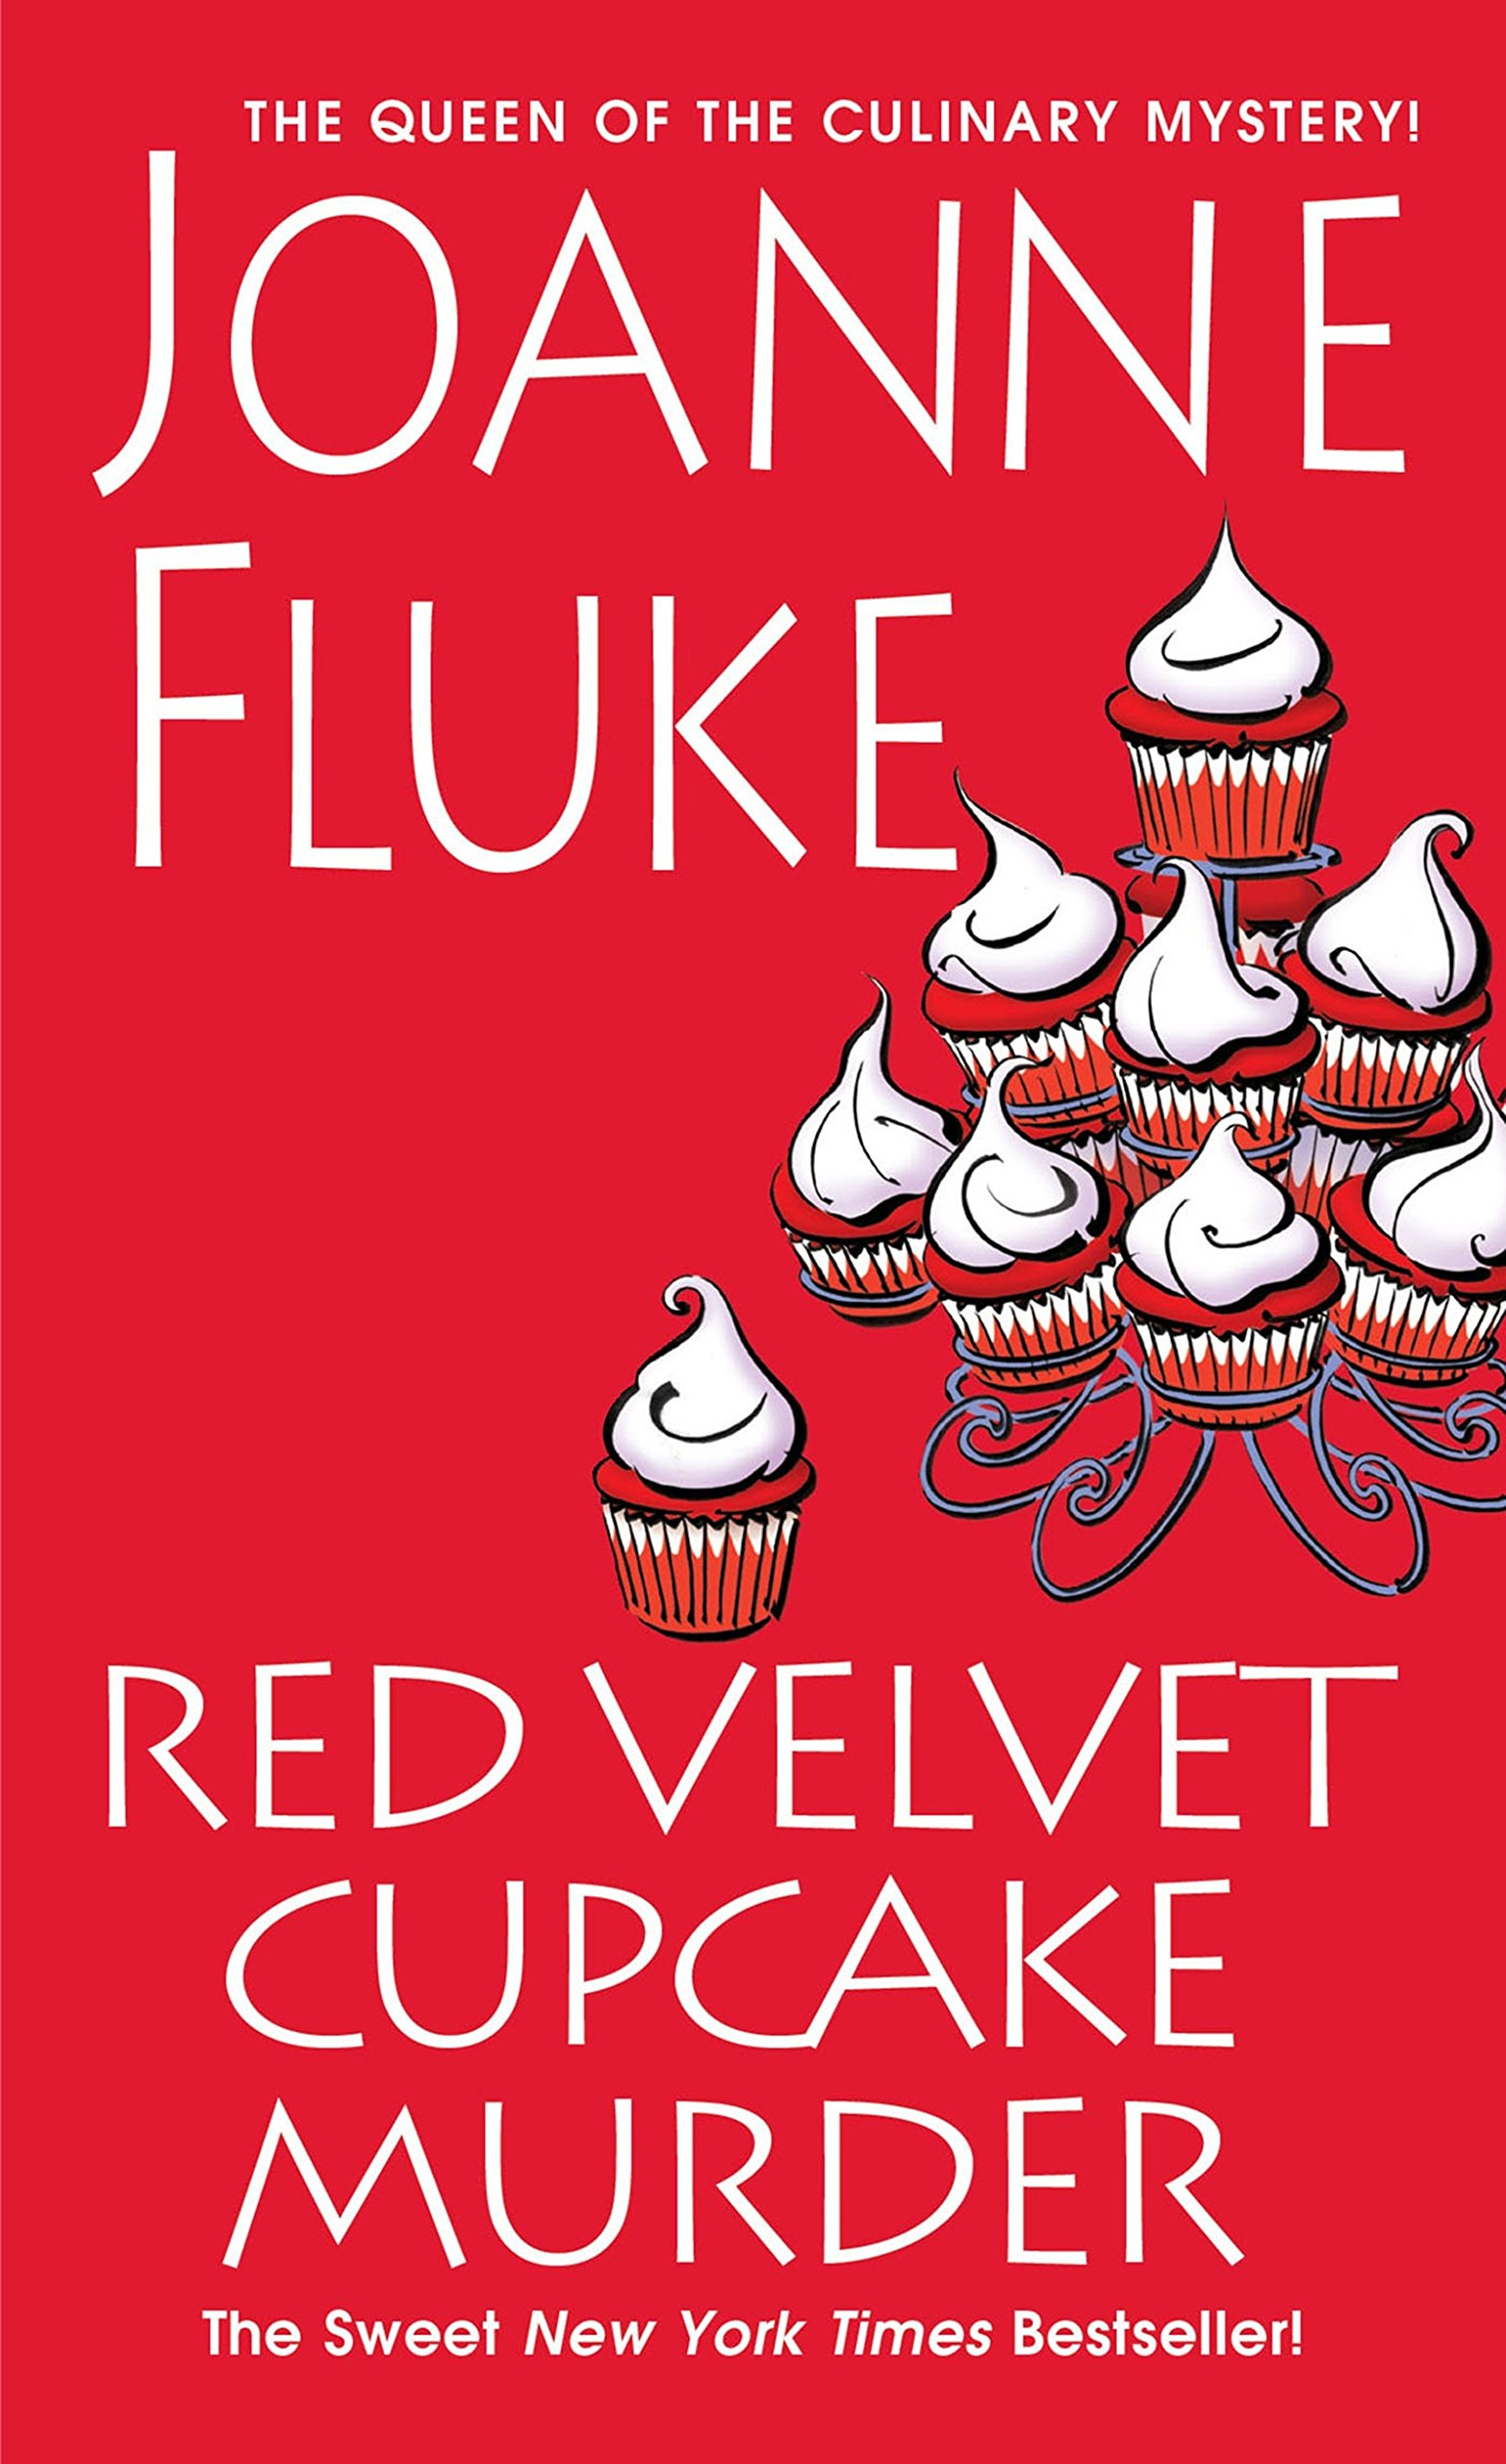 Red Velvet Cupcake Murder (A Hannah Swensen Mystery) by Kensington